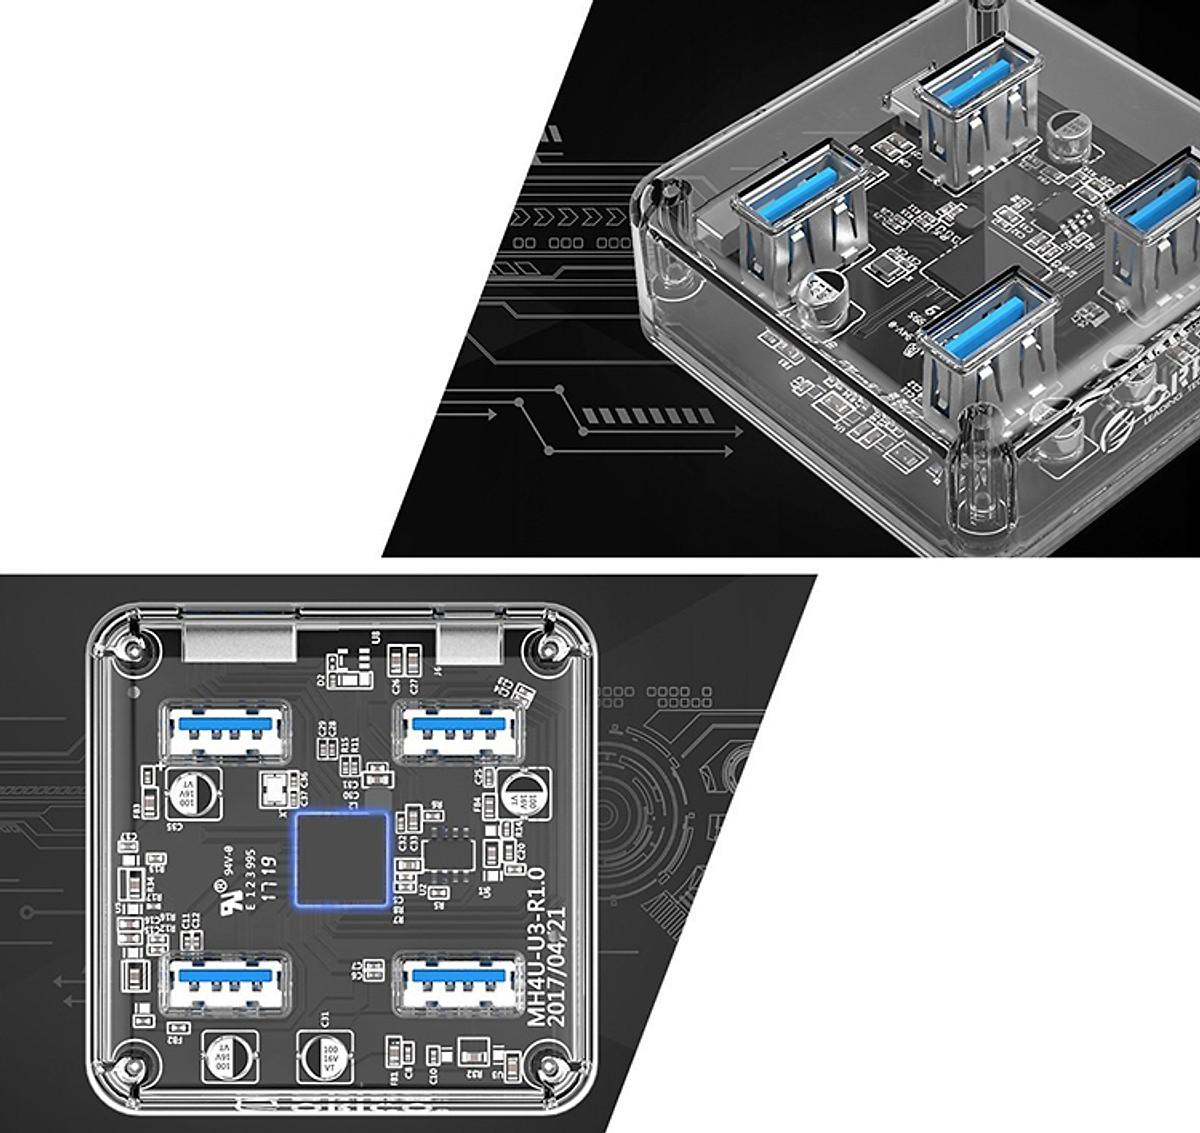 Bộ Hub Chia 4 Cổng USB 3.0 Orico MH4U - Hàng nhập khẩu